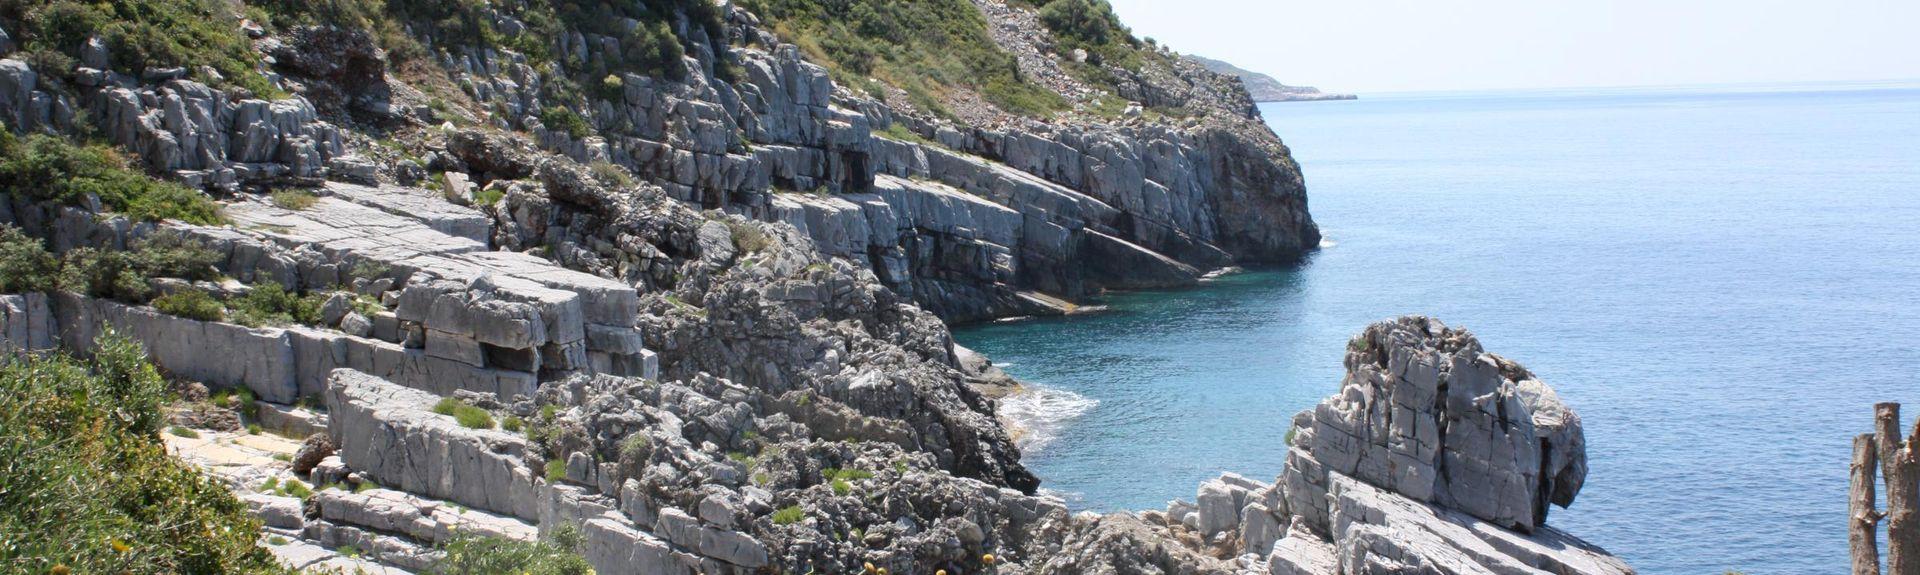 Itilo, Greece